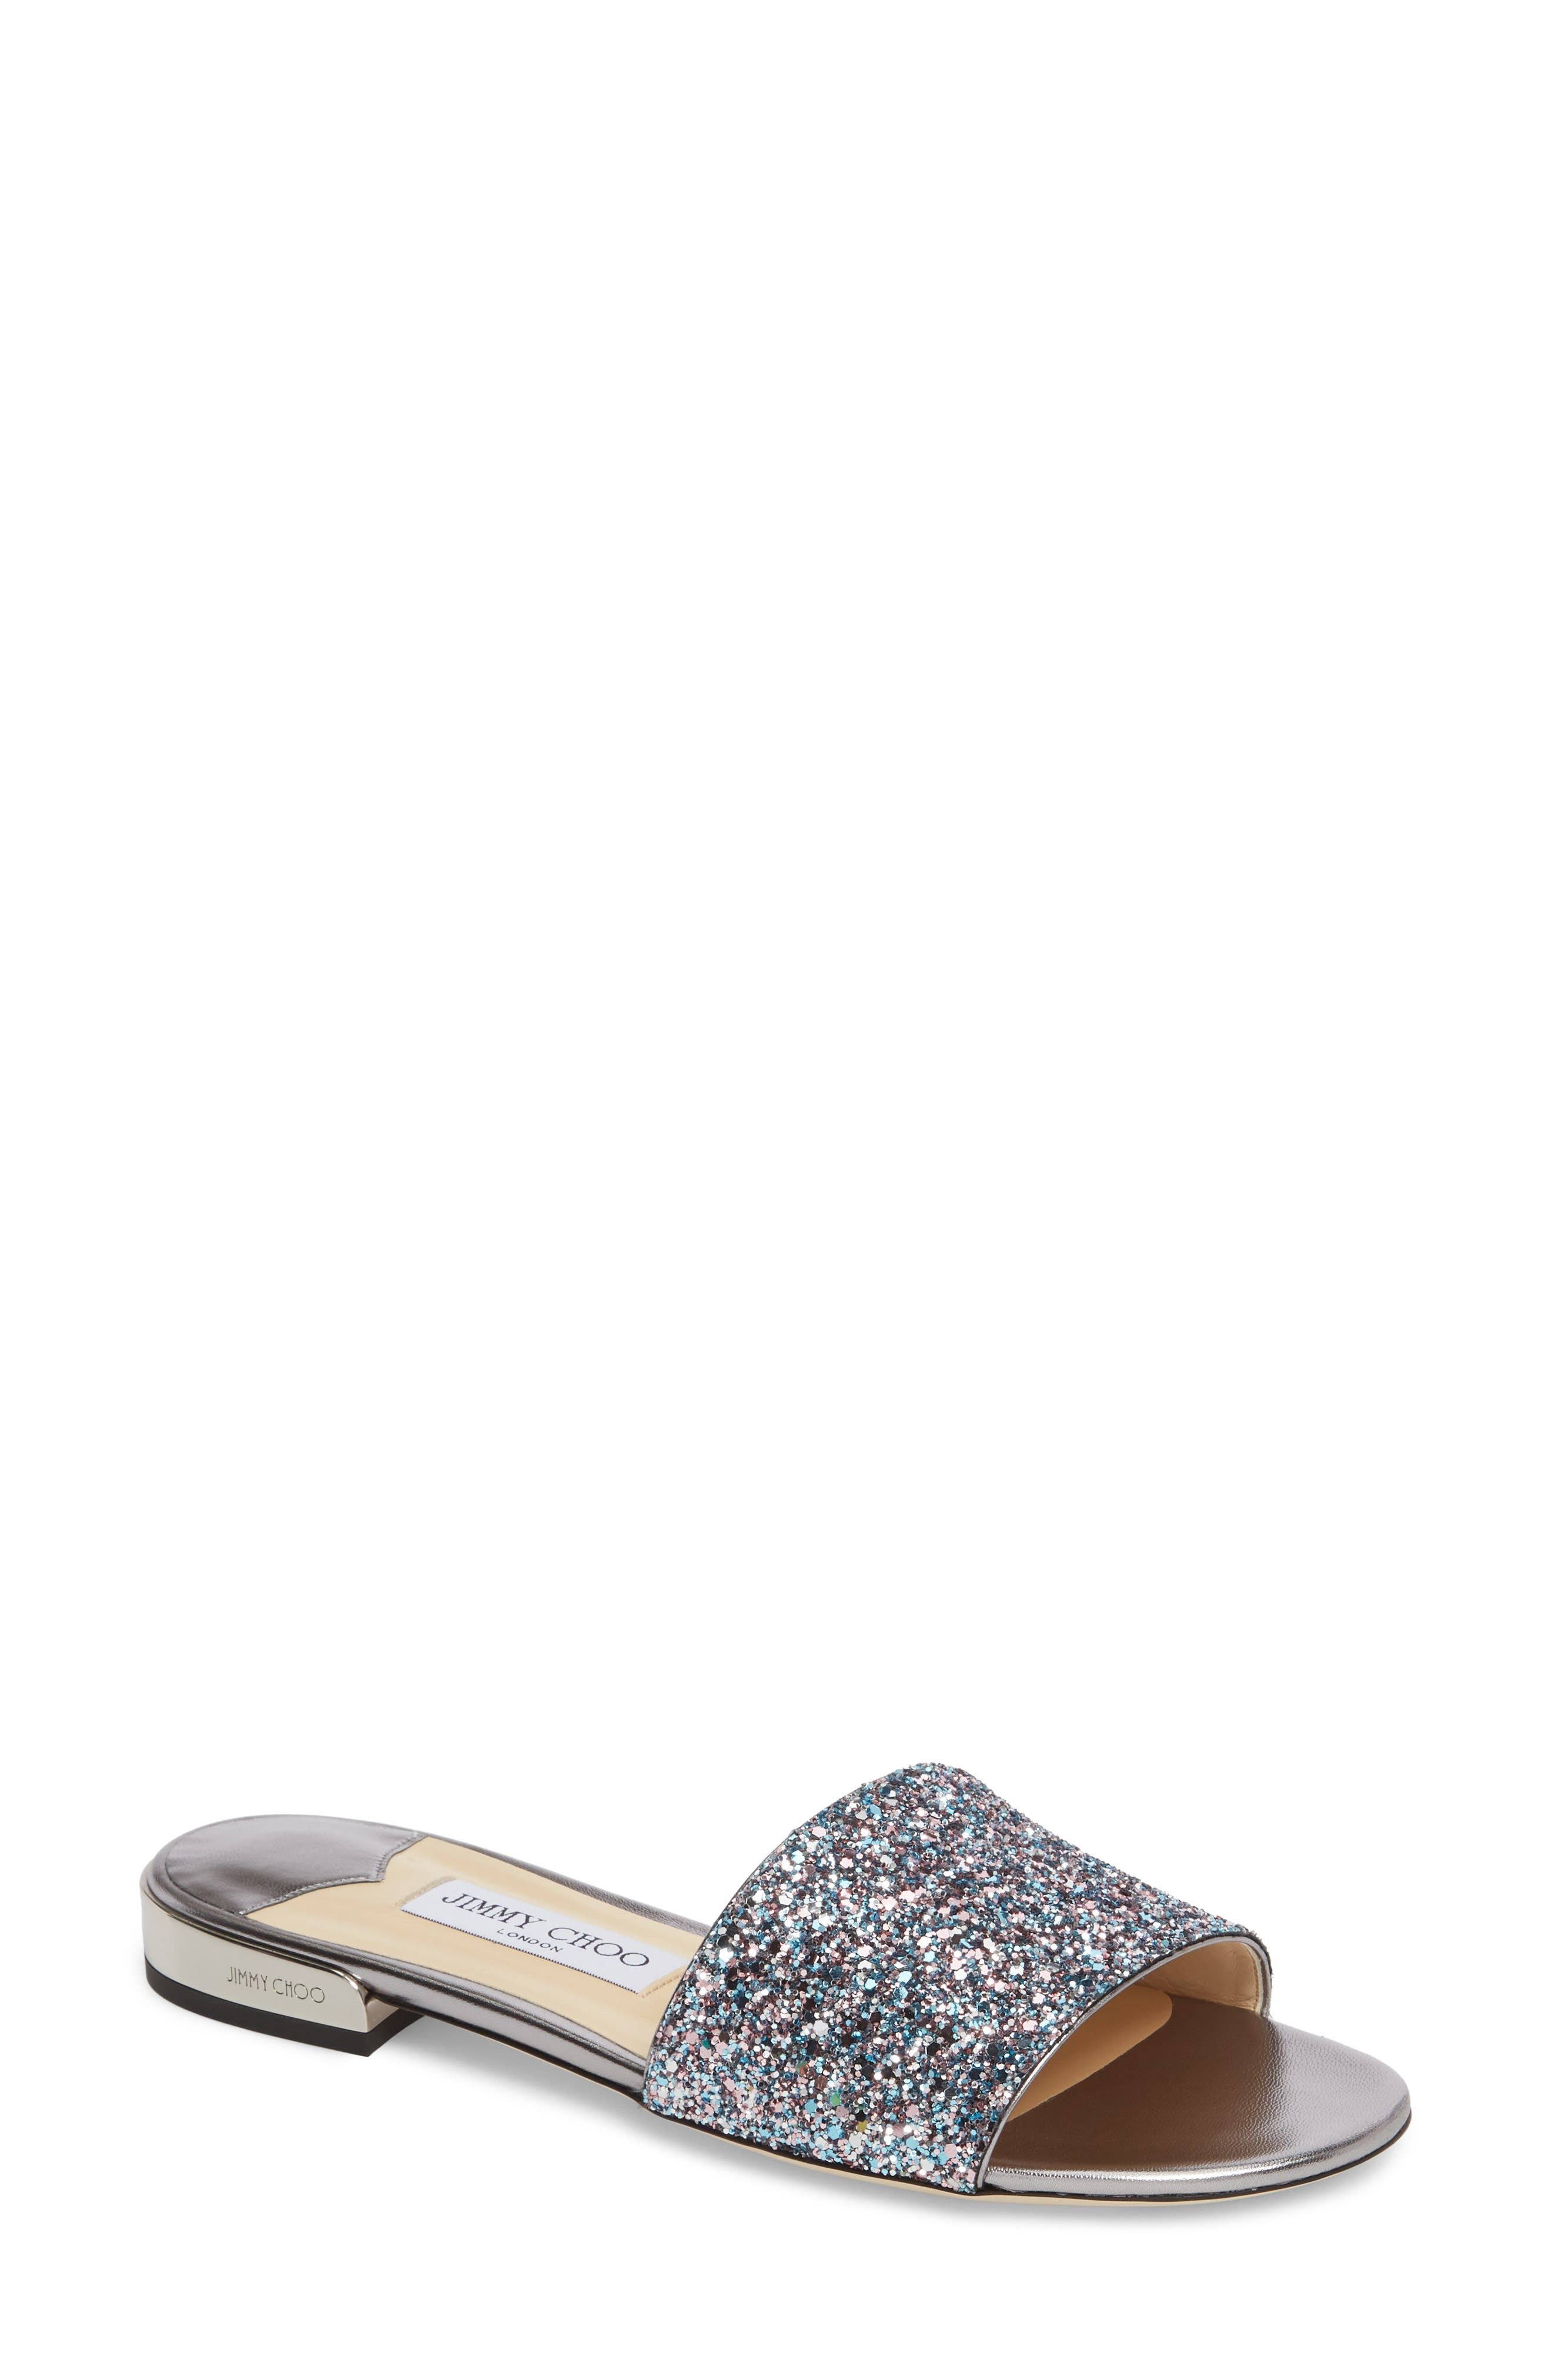 Joni Embellished Slide Sandal,                         Main,                         color, Blush Silver